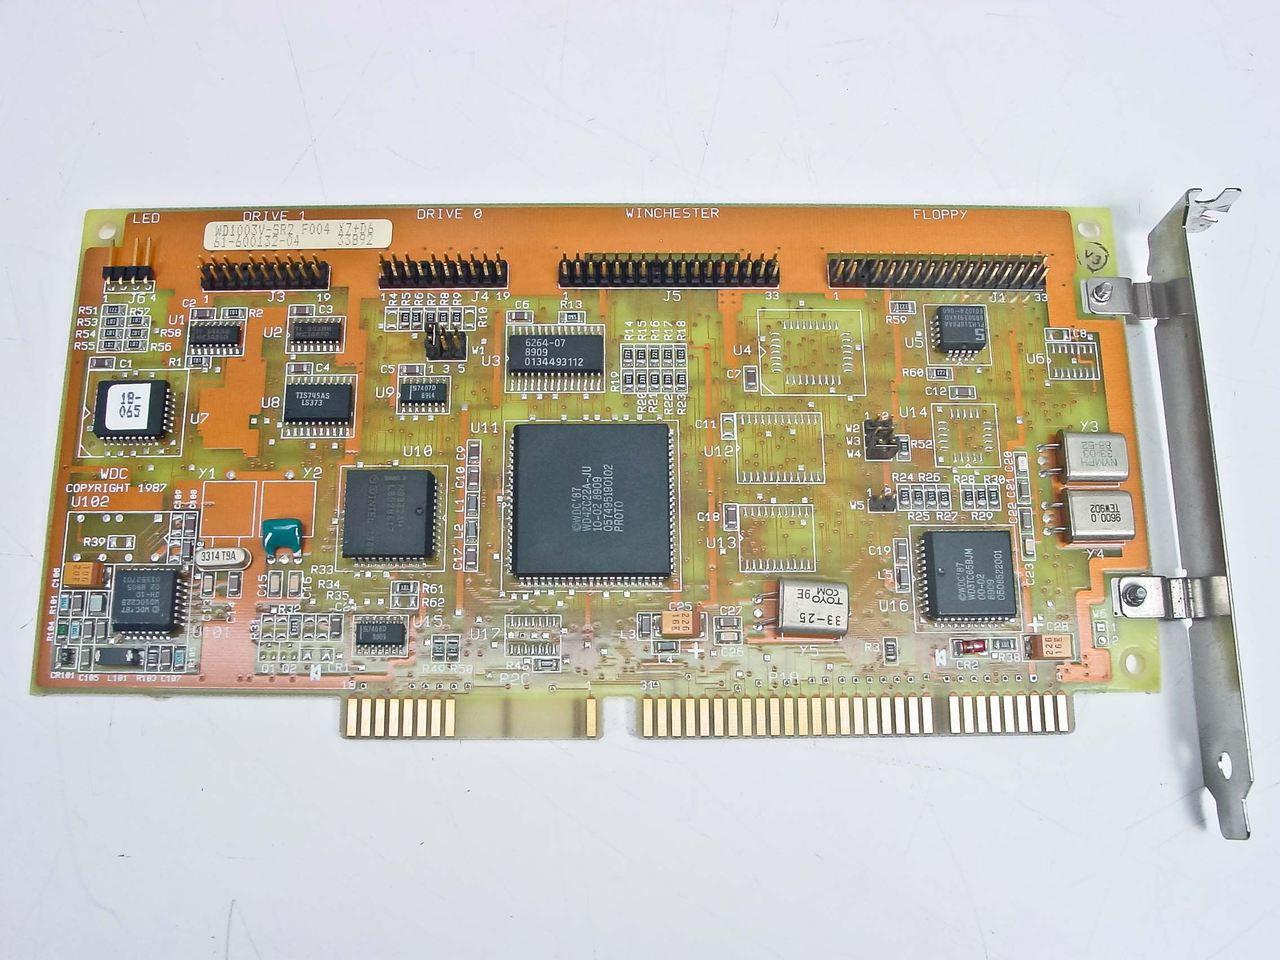 Western Digital 61-600132-04 16 bit MFM Controller WD1003V-SR2